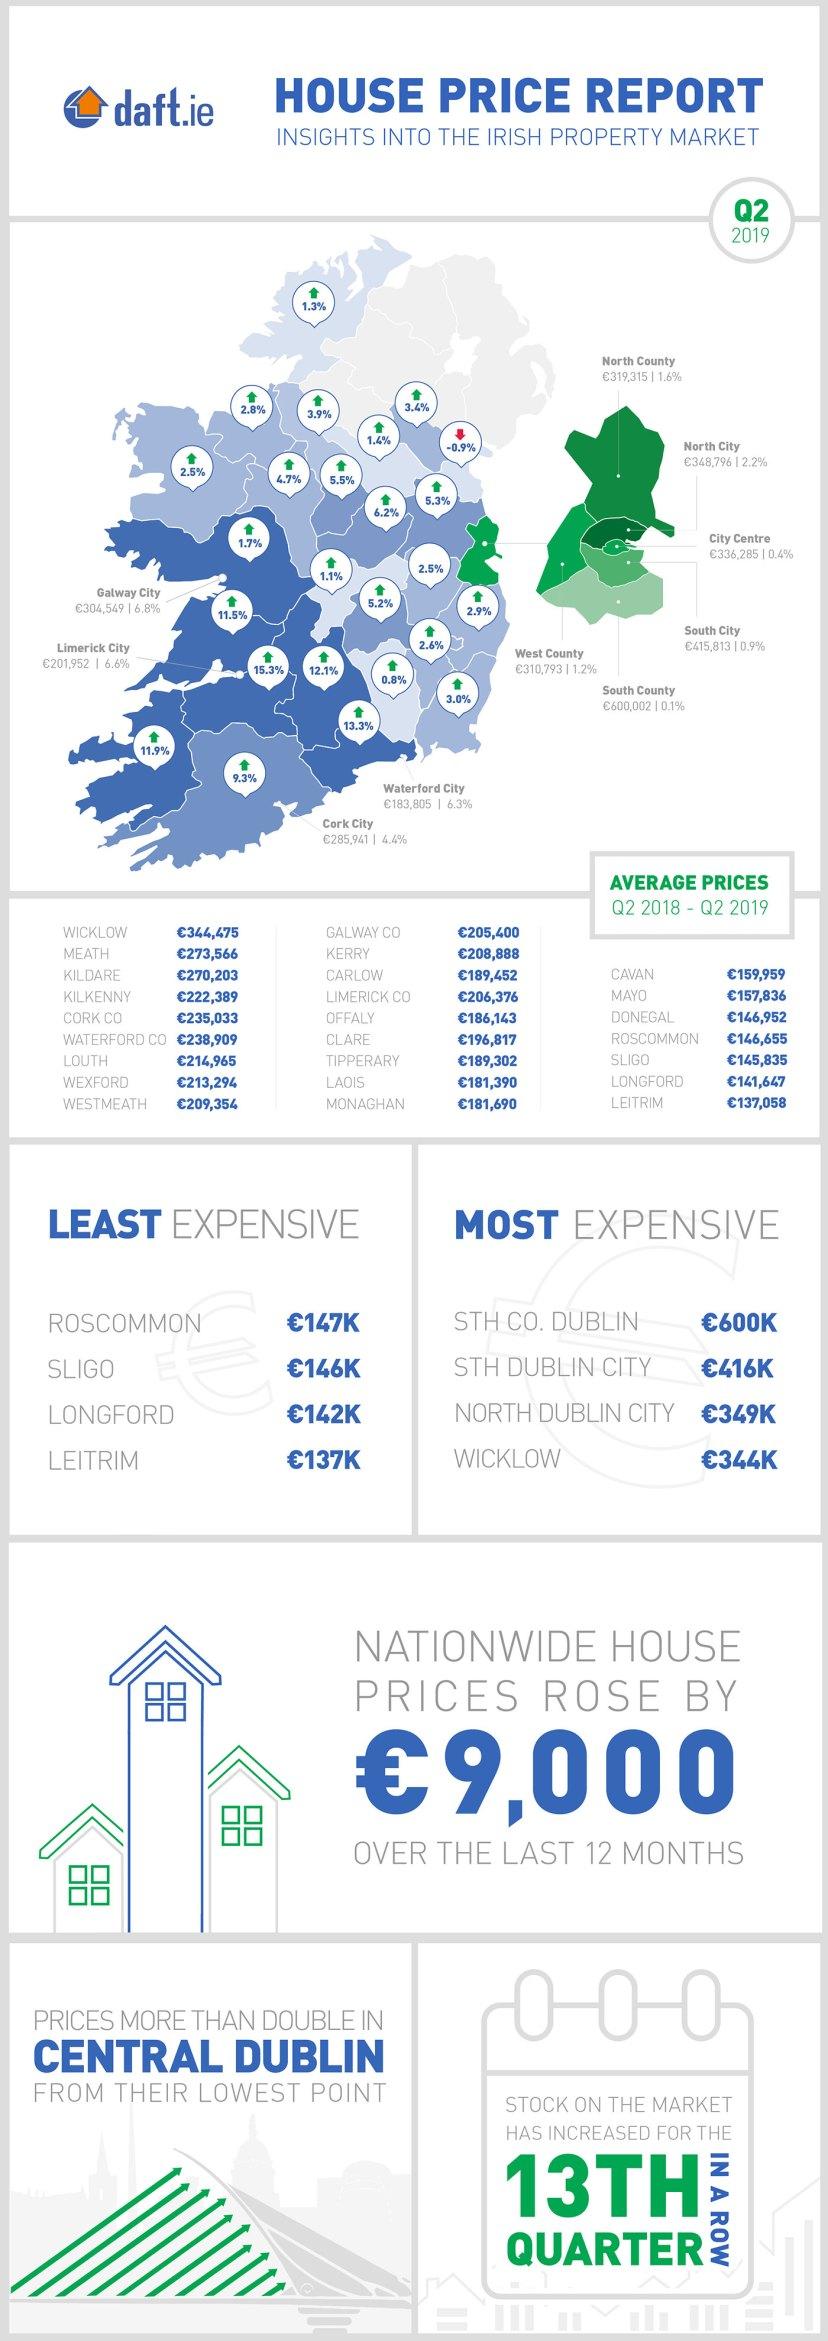 Ireland-home-prices-2019-infographic.jpg